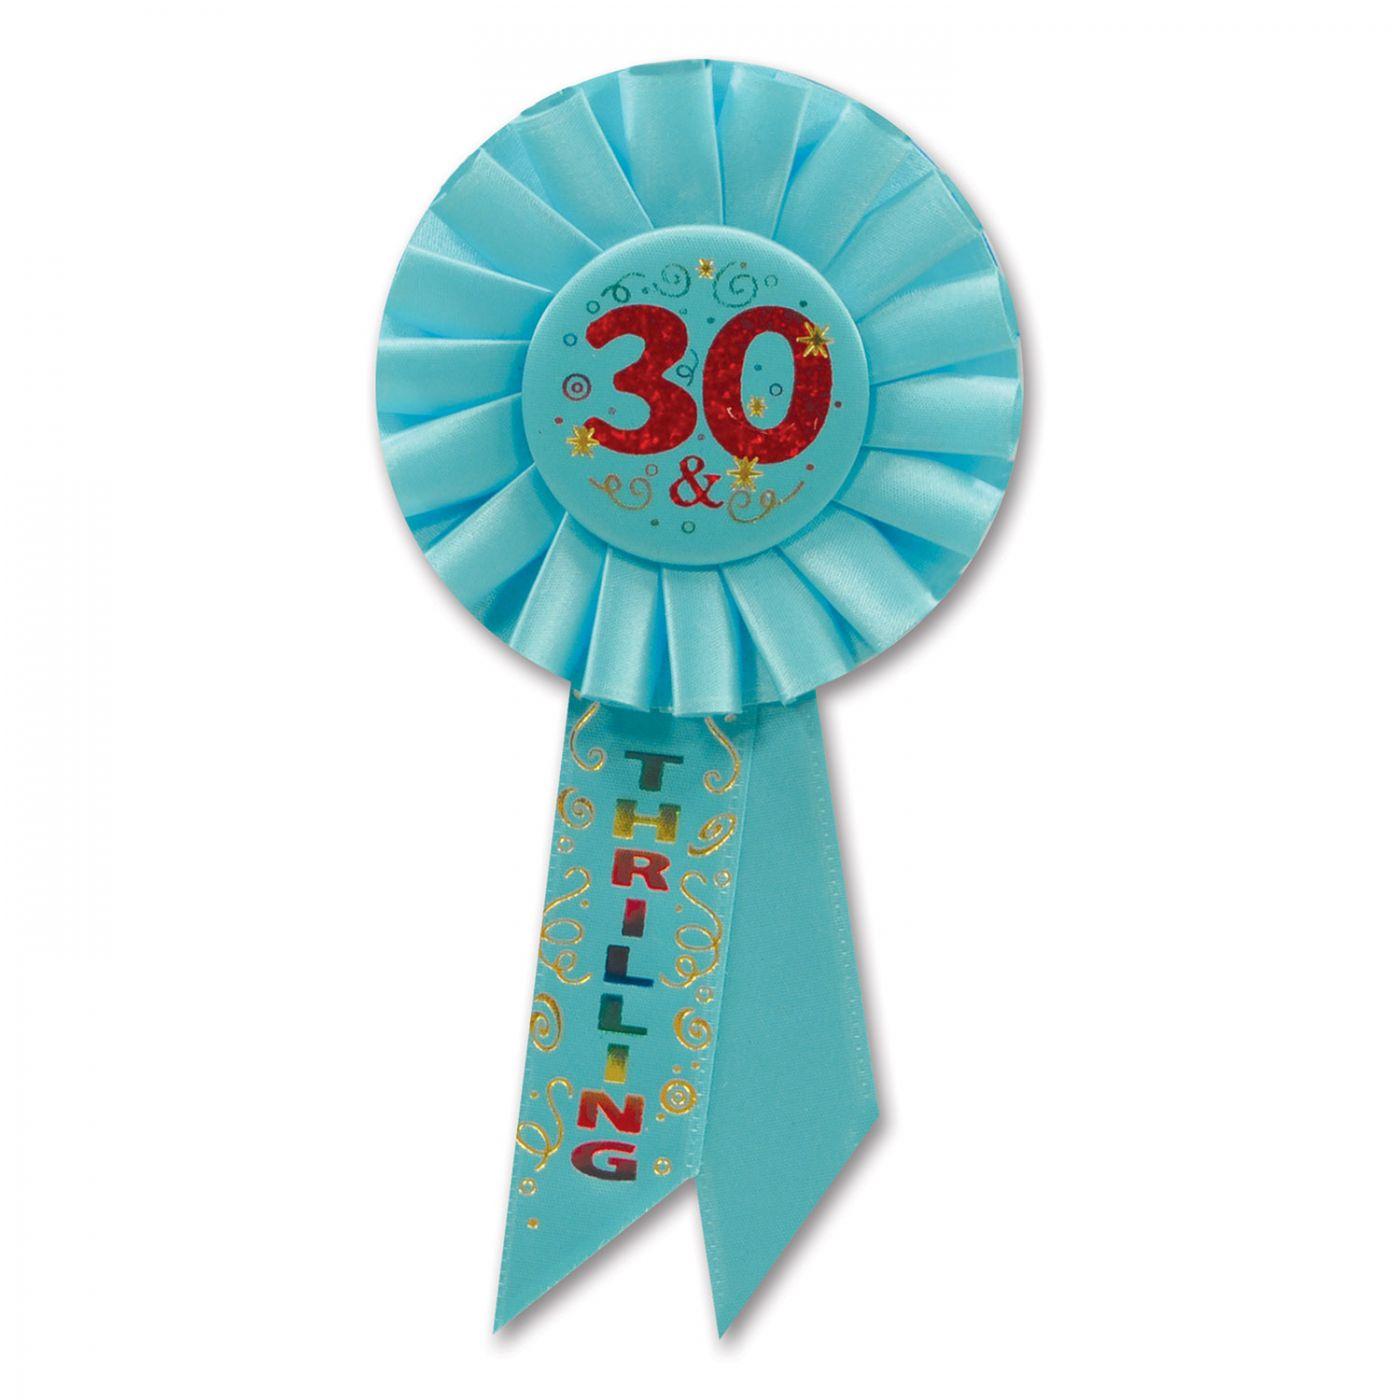 30 & Thrilling Rosette (6) image